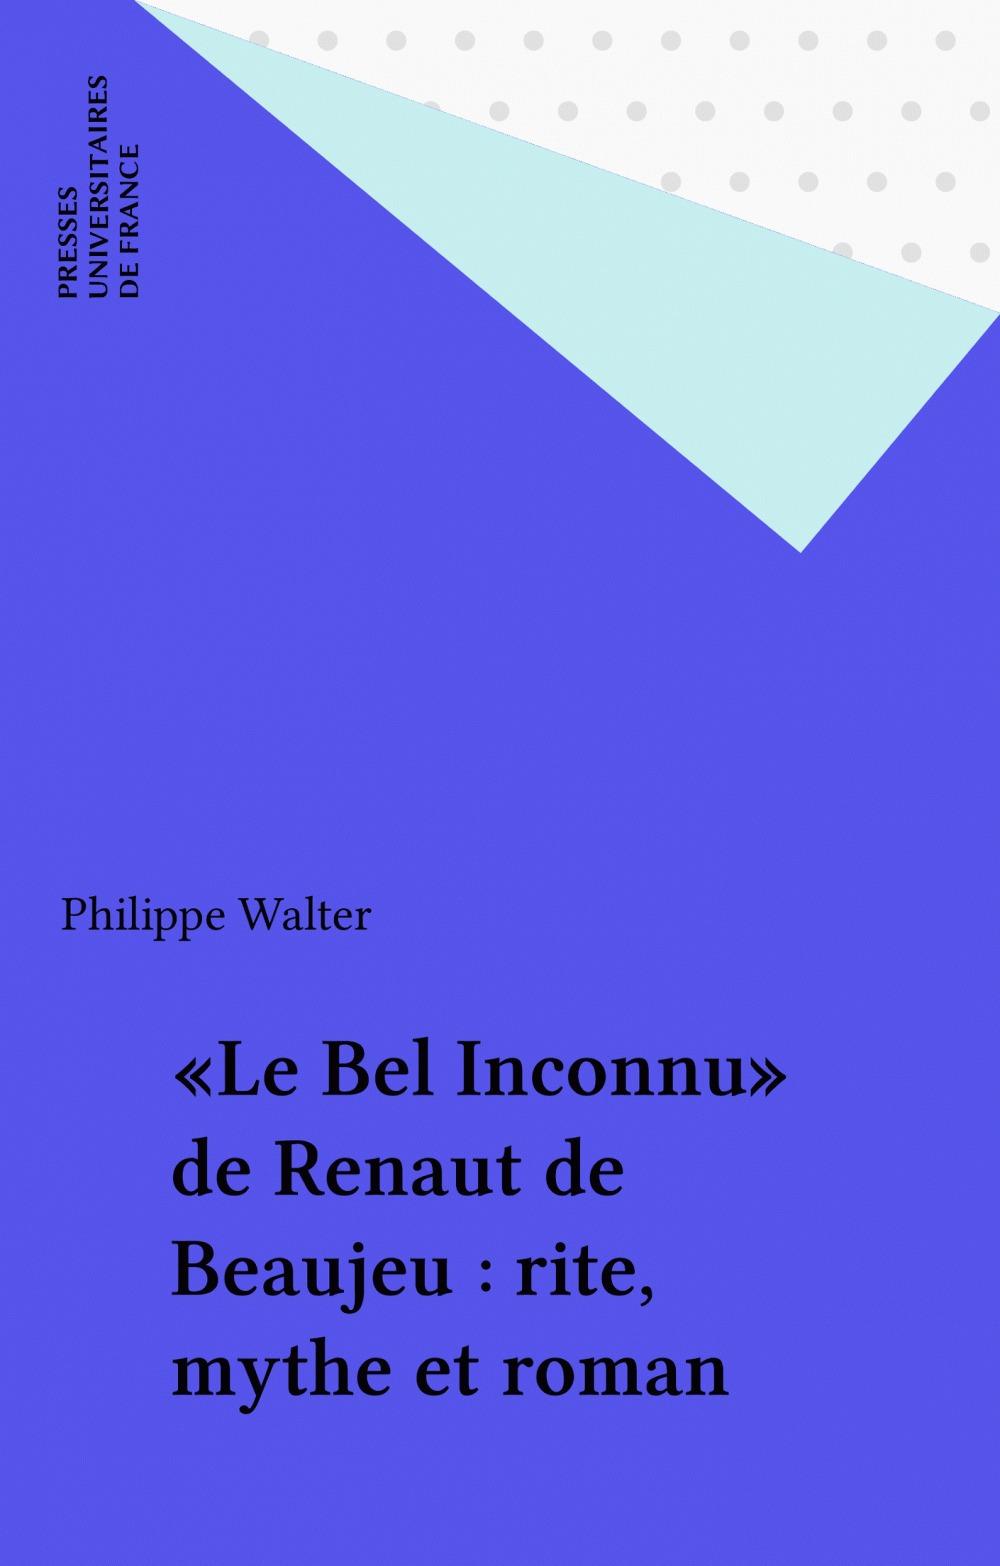 «Le Bel Inconnu» de Renaut de Beaujeu : rite, mythe et roman